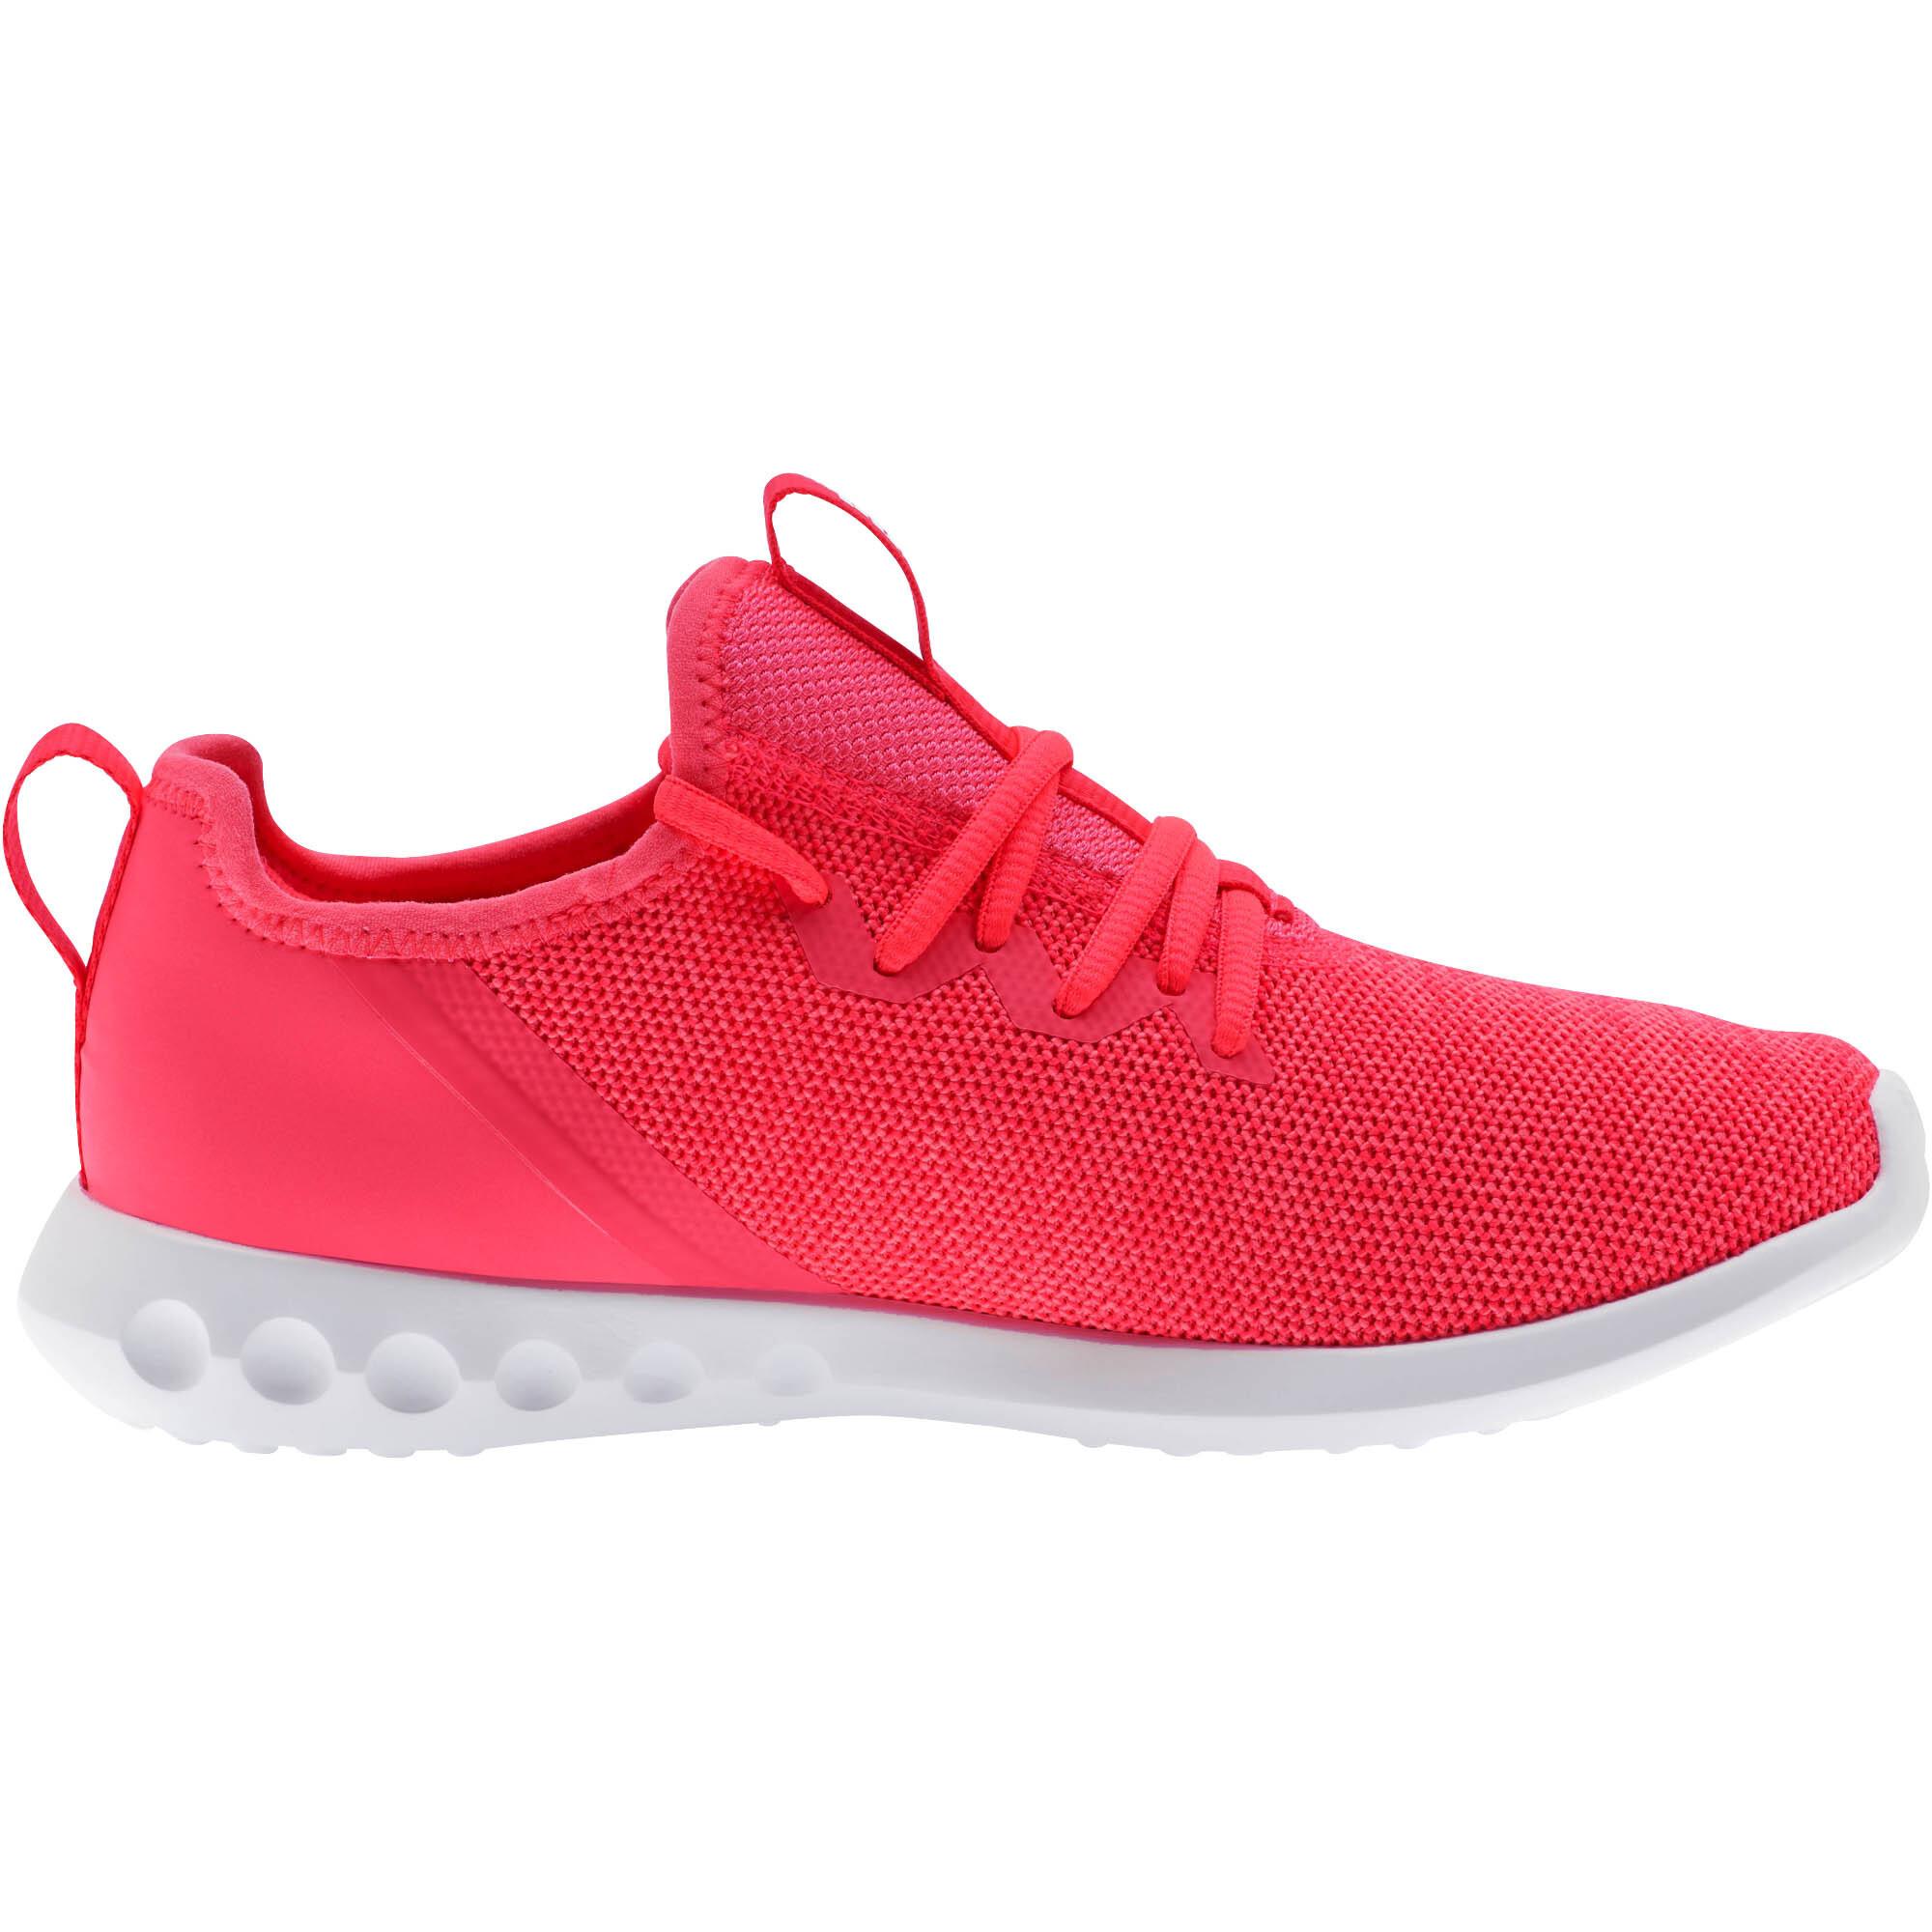 PUMA-Carson-2-X-Knit-Women-s-Running-Shoes-Women-Shoe-Running thumbnail 17